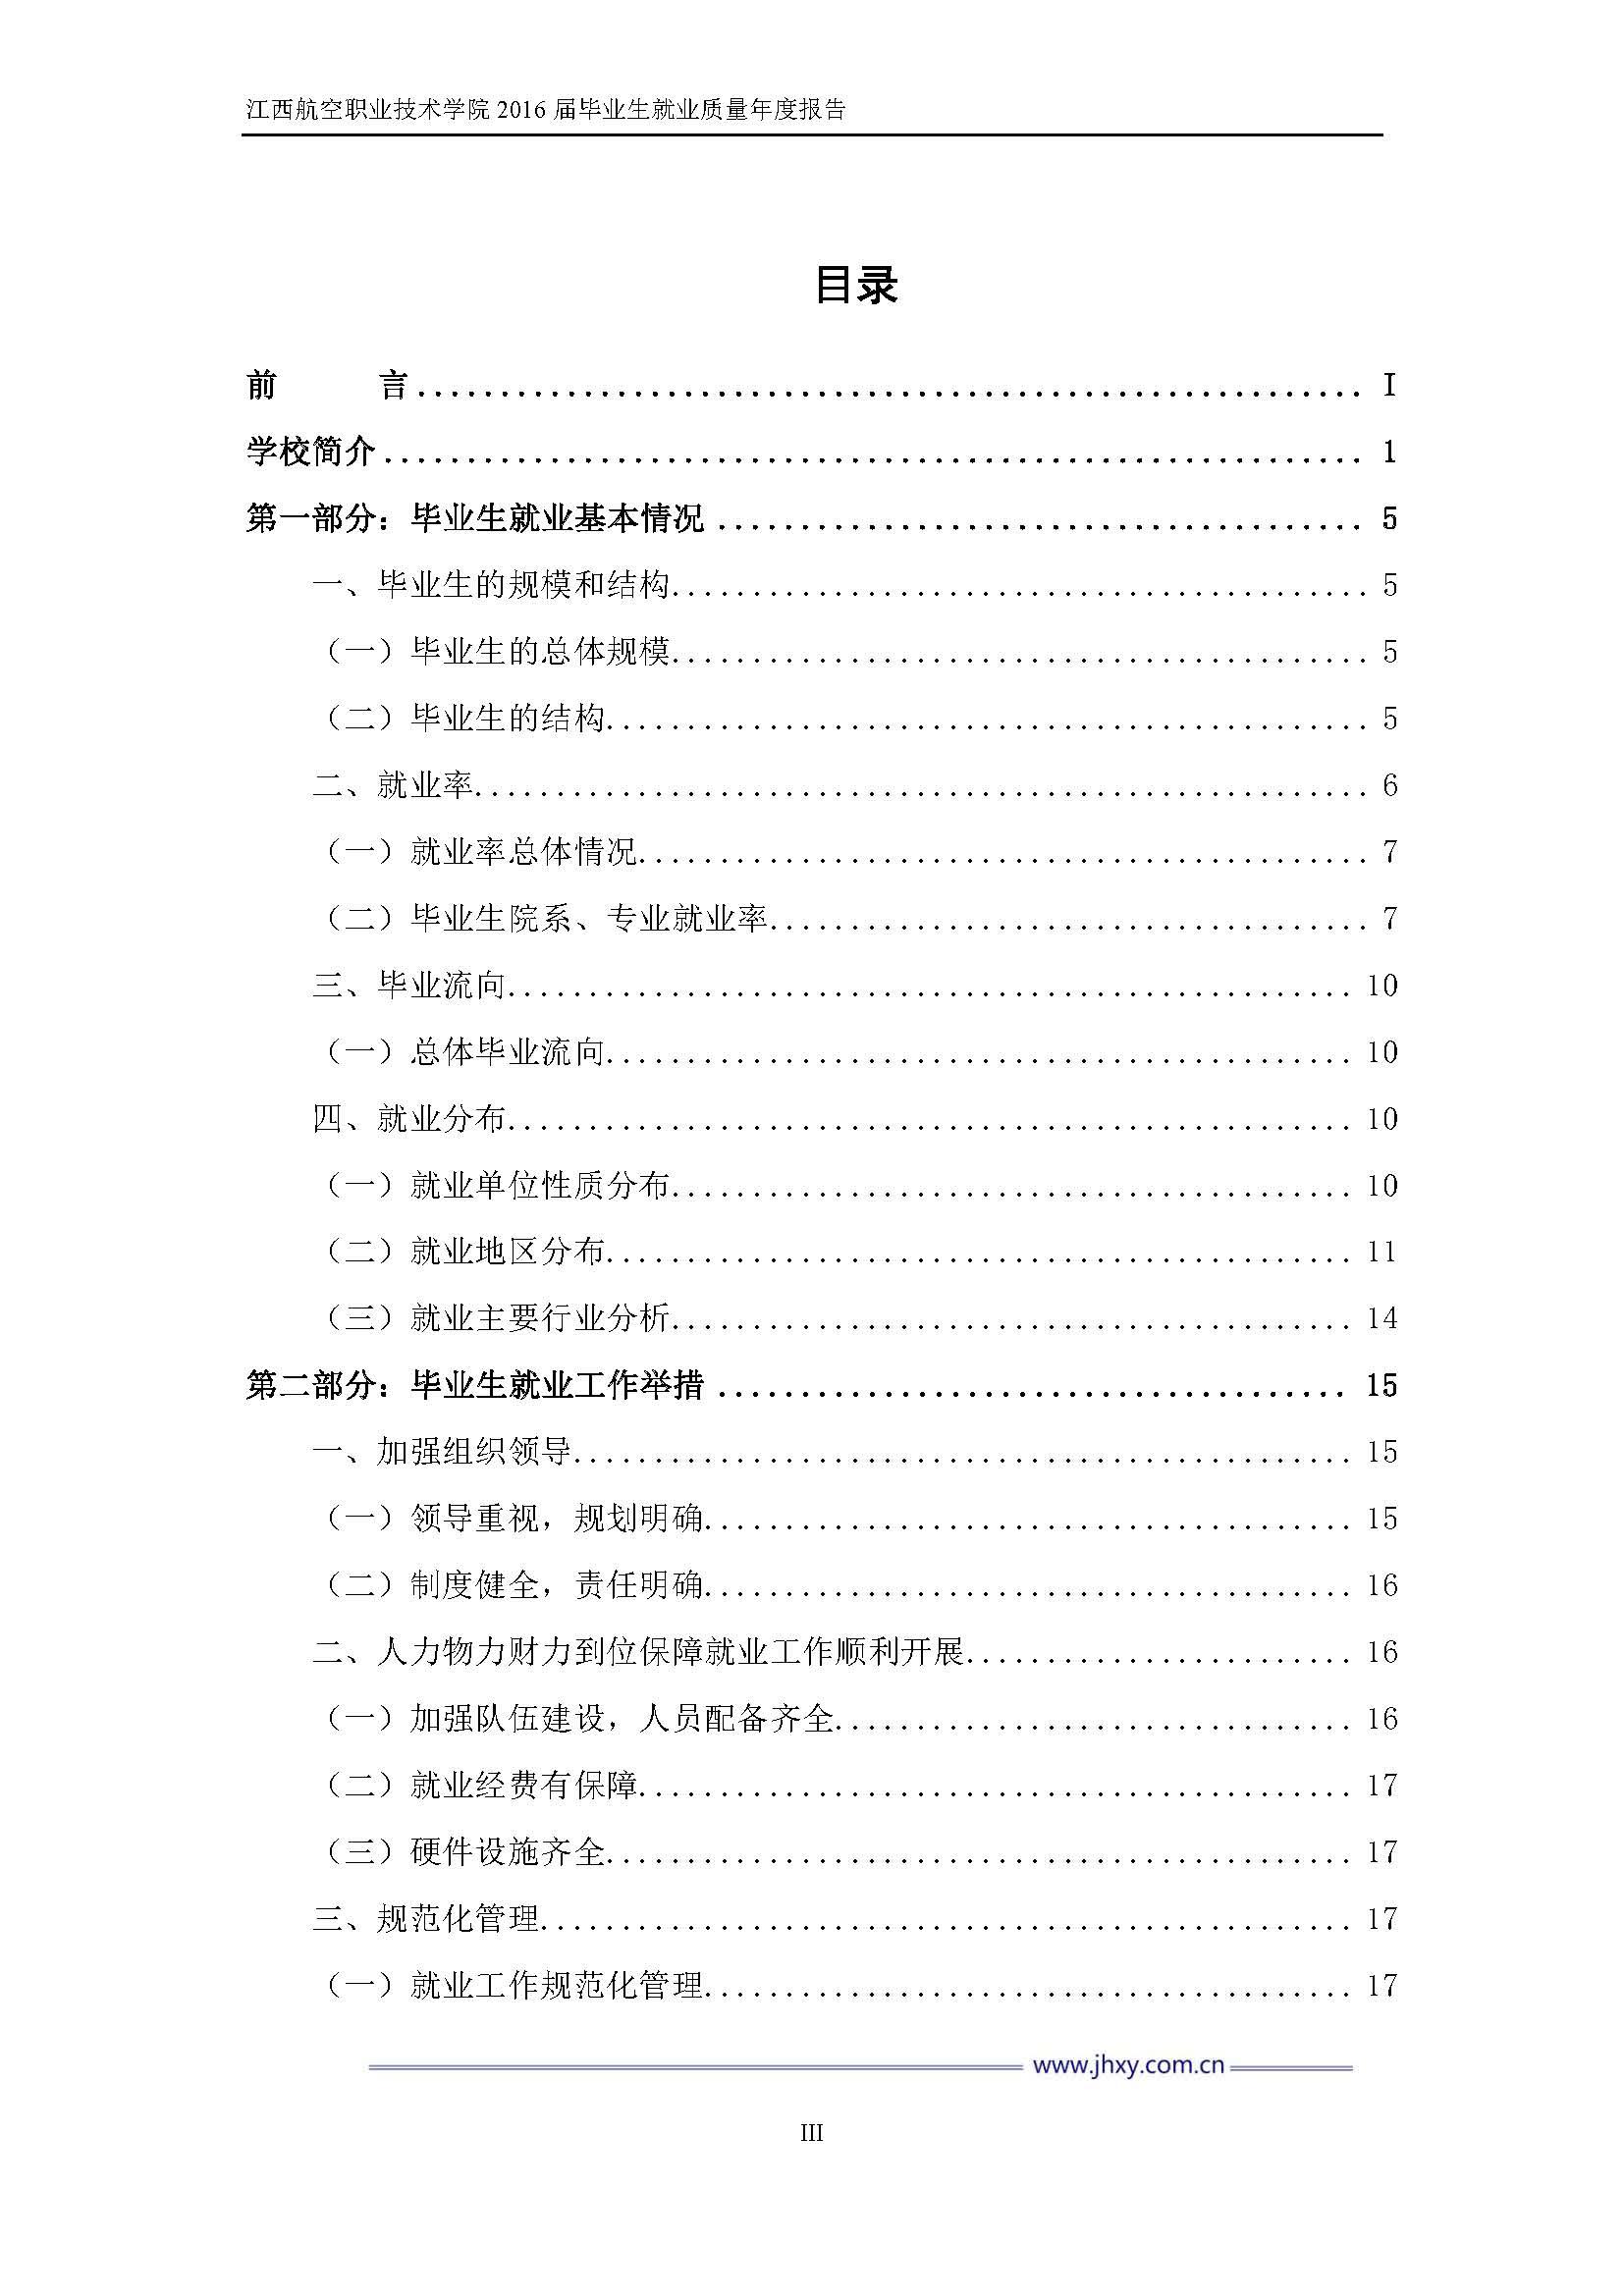 江西航空职业技术学院2016届毕业生就业质量年度报告_Page_04.jpg